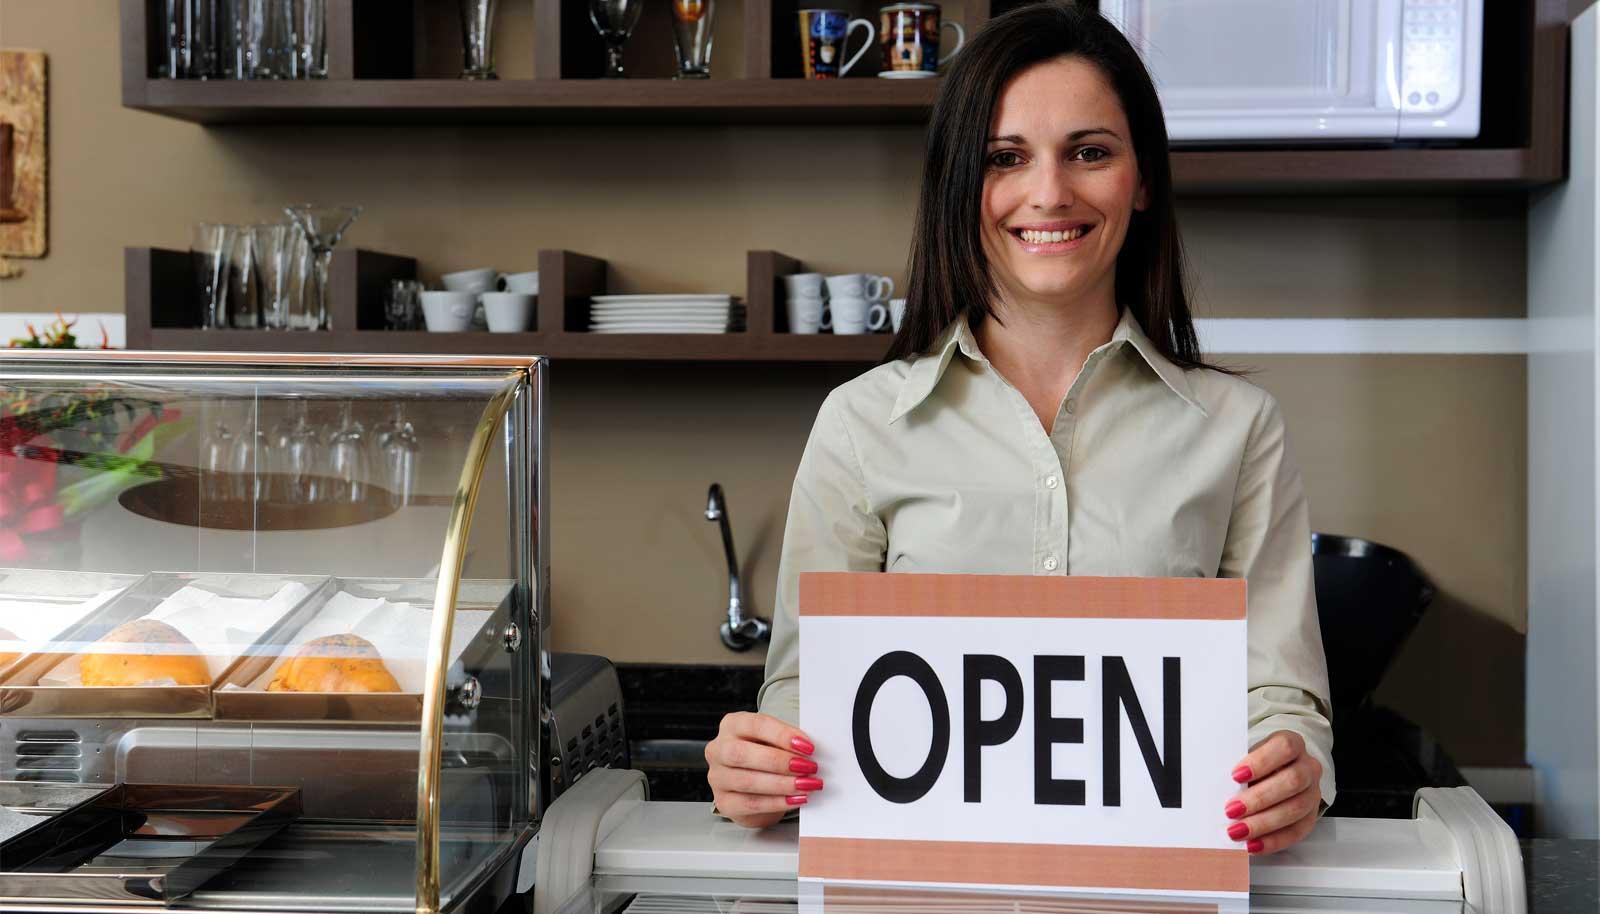 Todo lo Que Debes Saber Acerca de Seguros para Negocios—Paga Menos Insurance